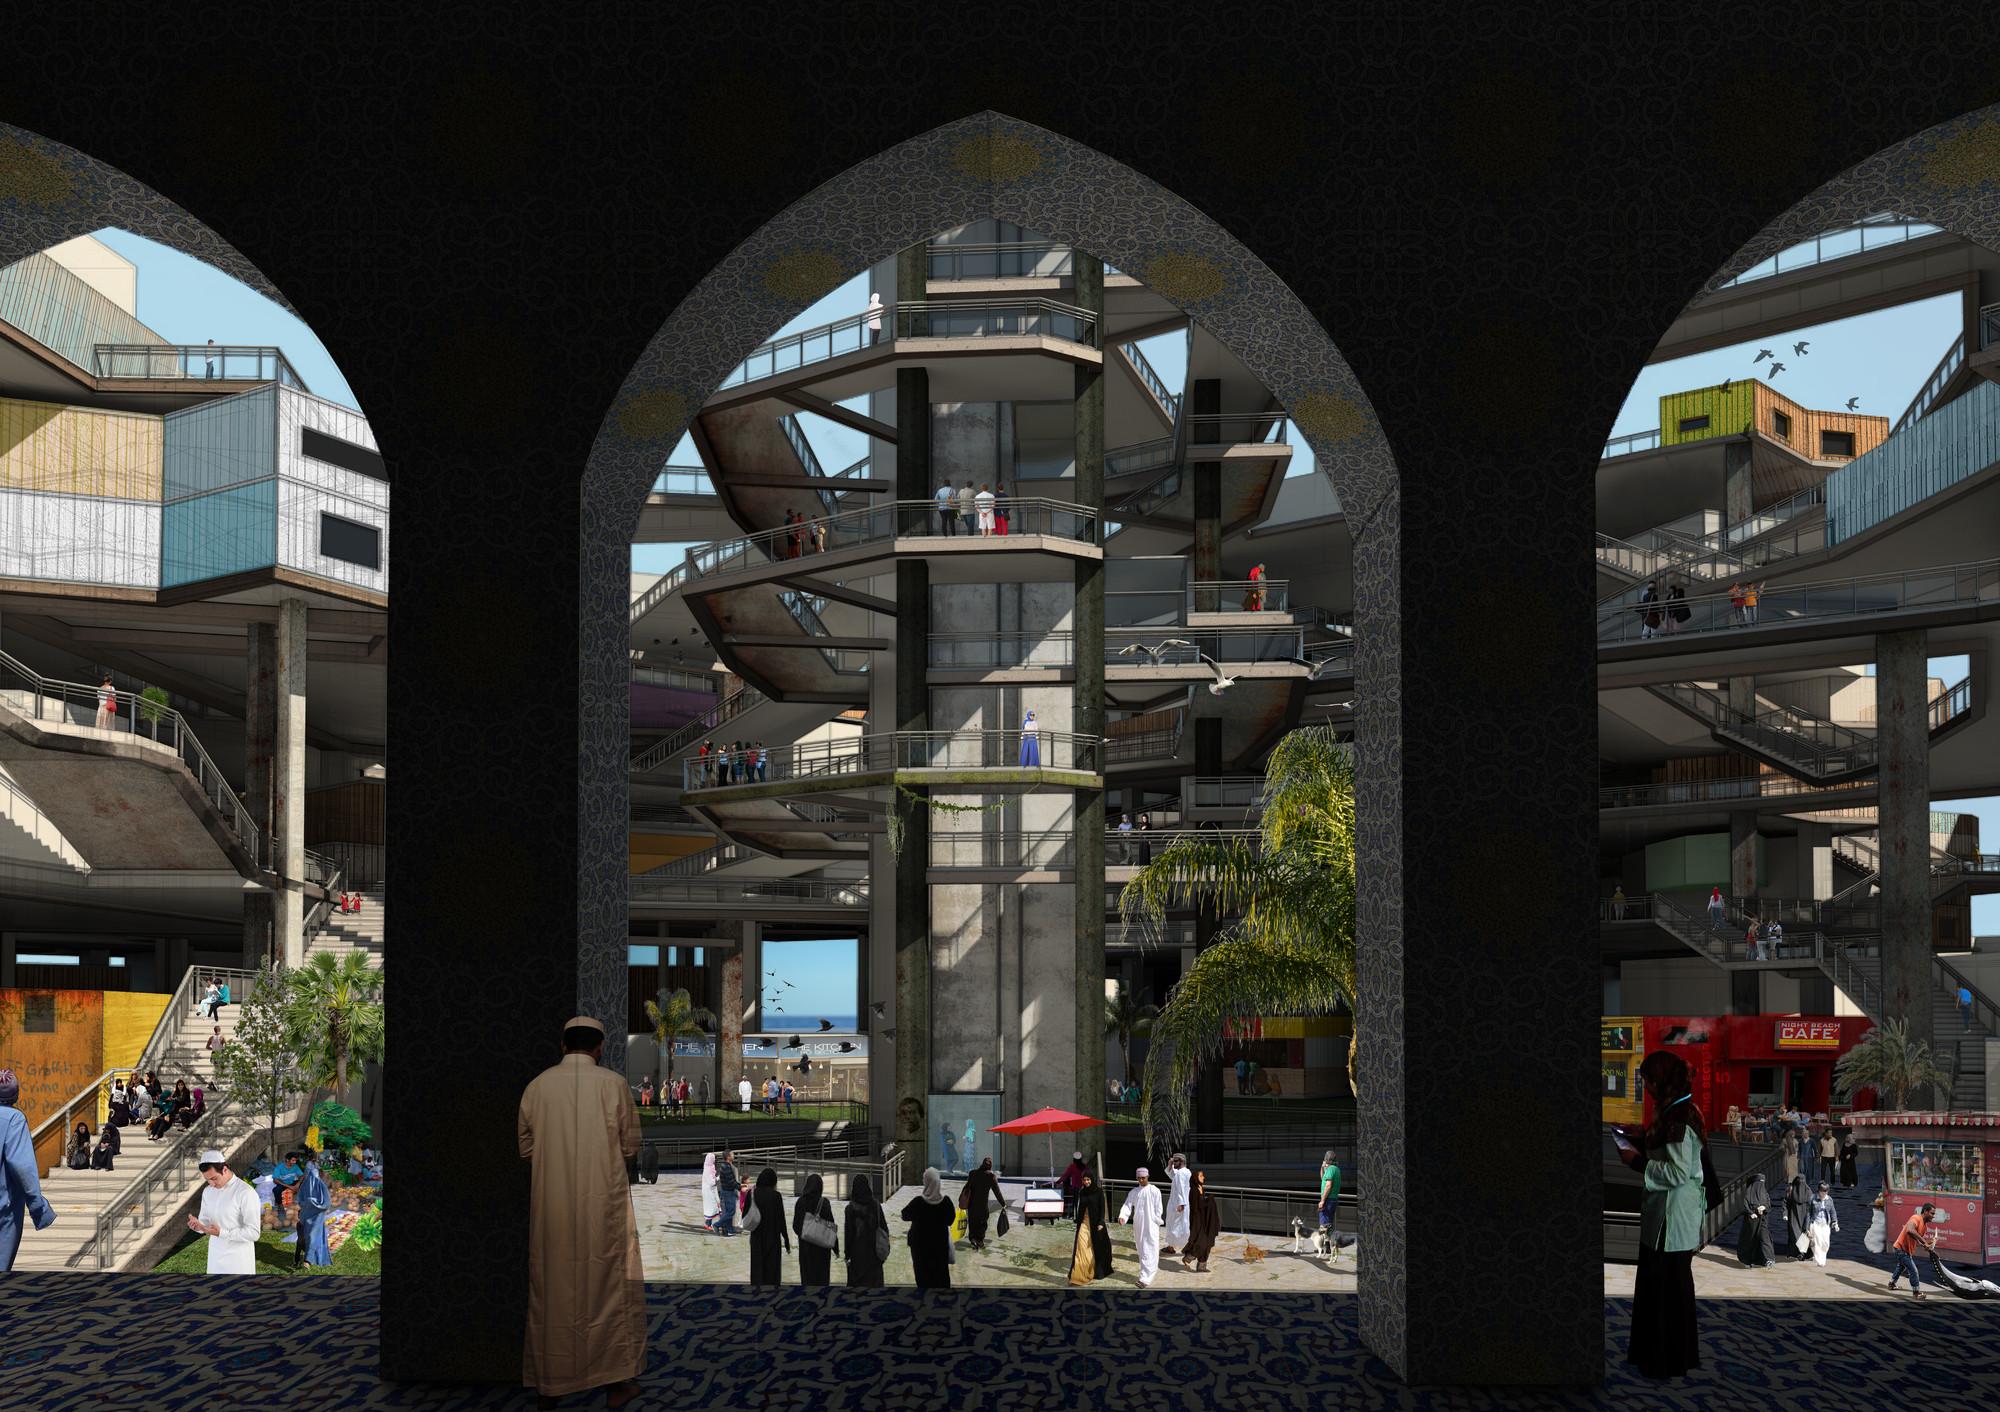 Un render de la propuesta desde una mezquita. Imagen © Mayank Thammalla